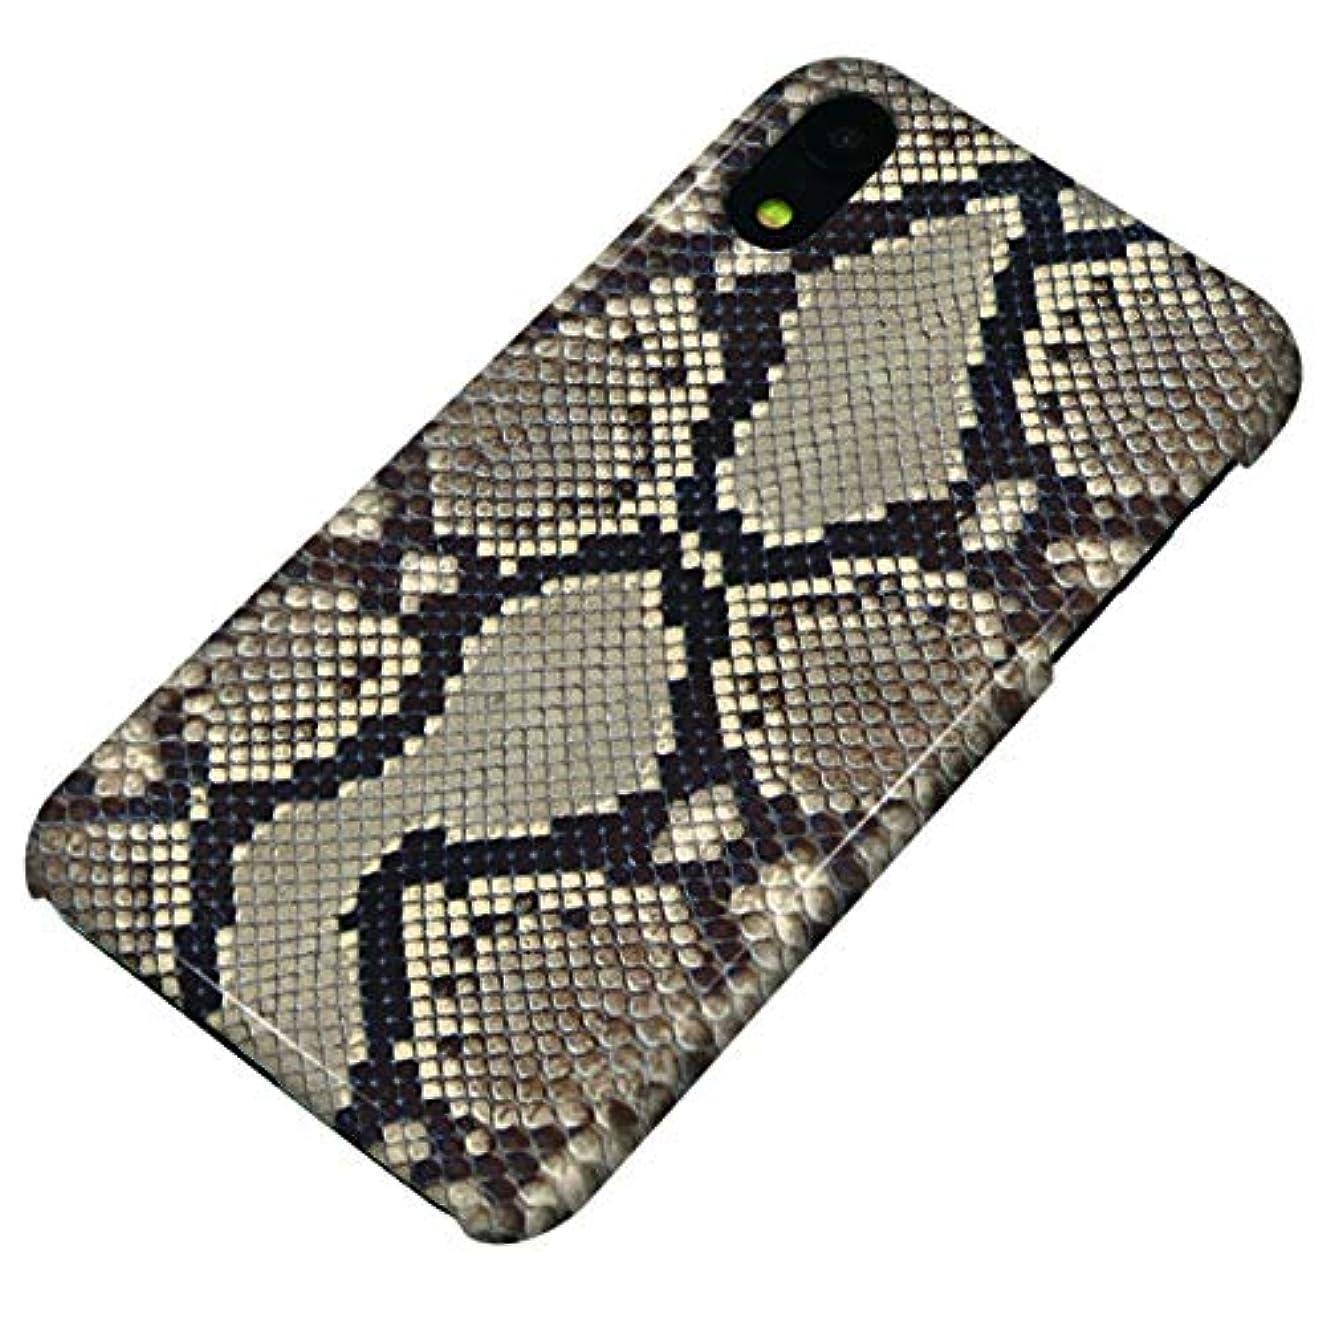 毒液要旨リテラシーApple iPhone XR まるっと印刷 ハード ケース 049 ヘビ柄(白) 光沢仕上げ 横まで印刷